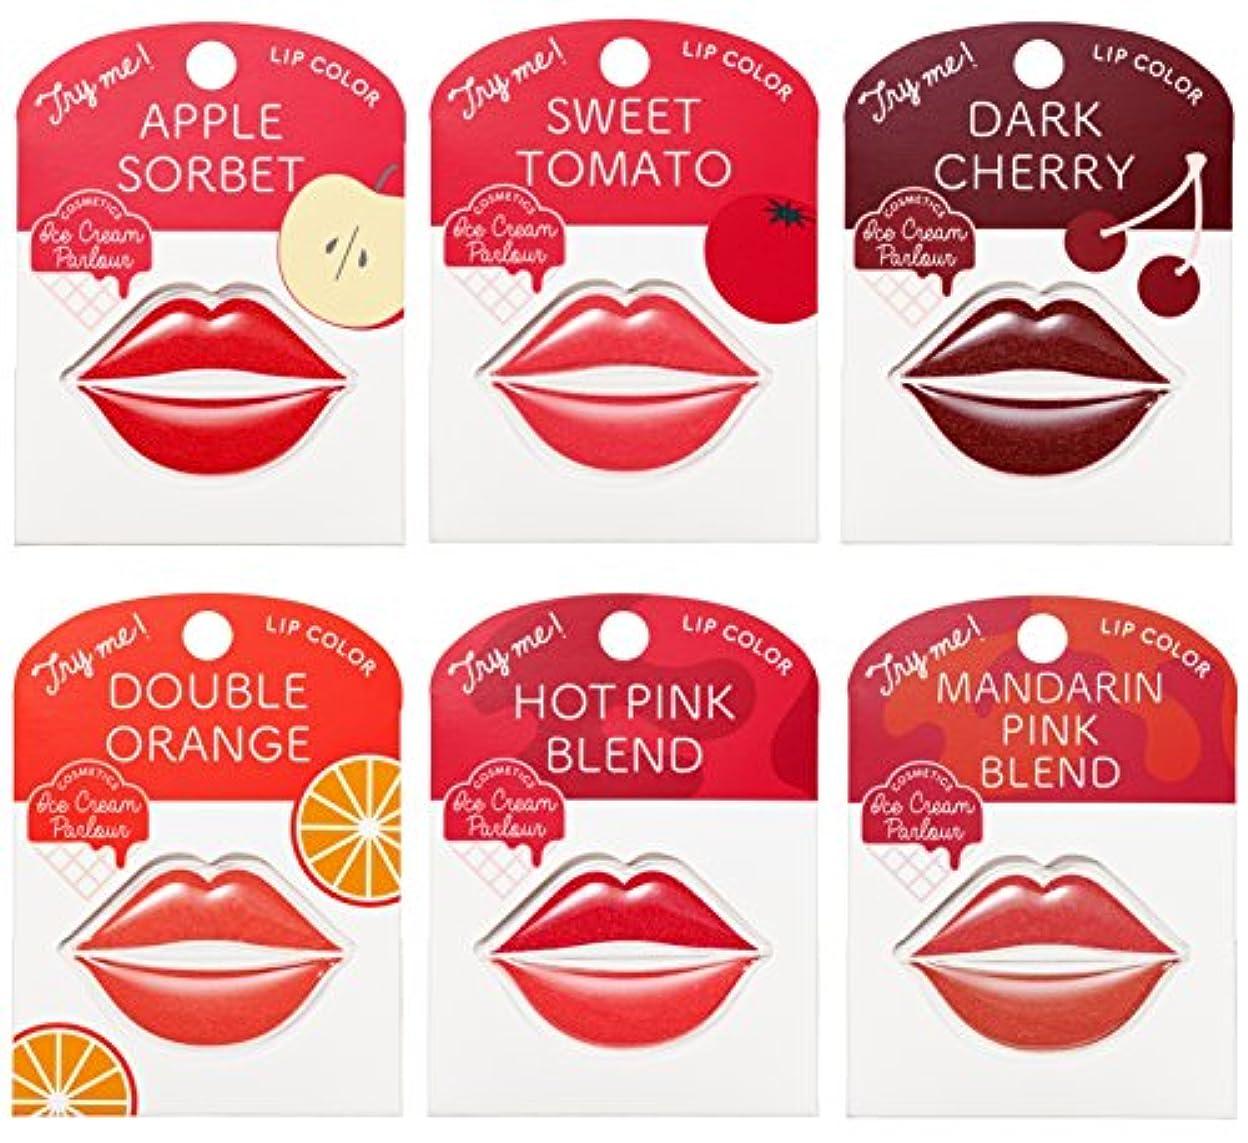 熱心ナチュラルくしゃみアイスクリームパーラー コスメティクス リップカード全色セット